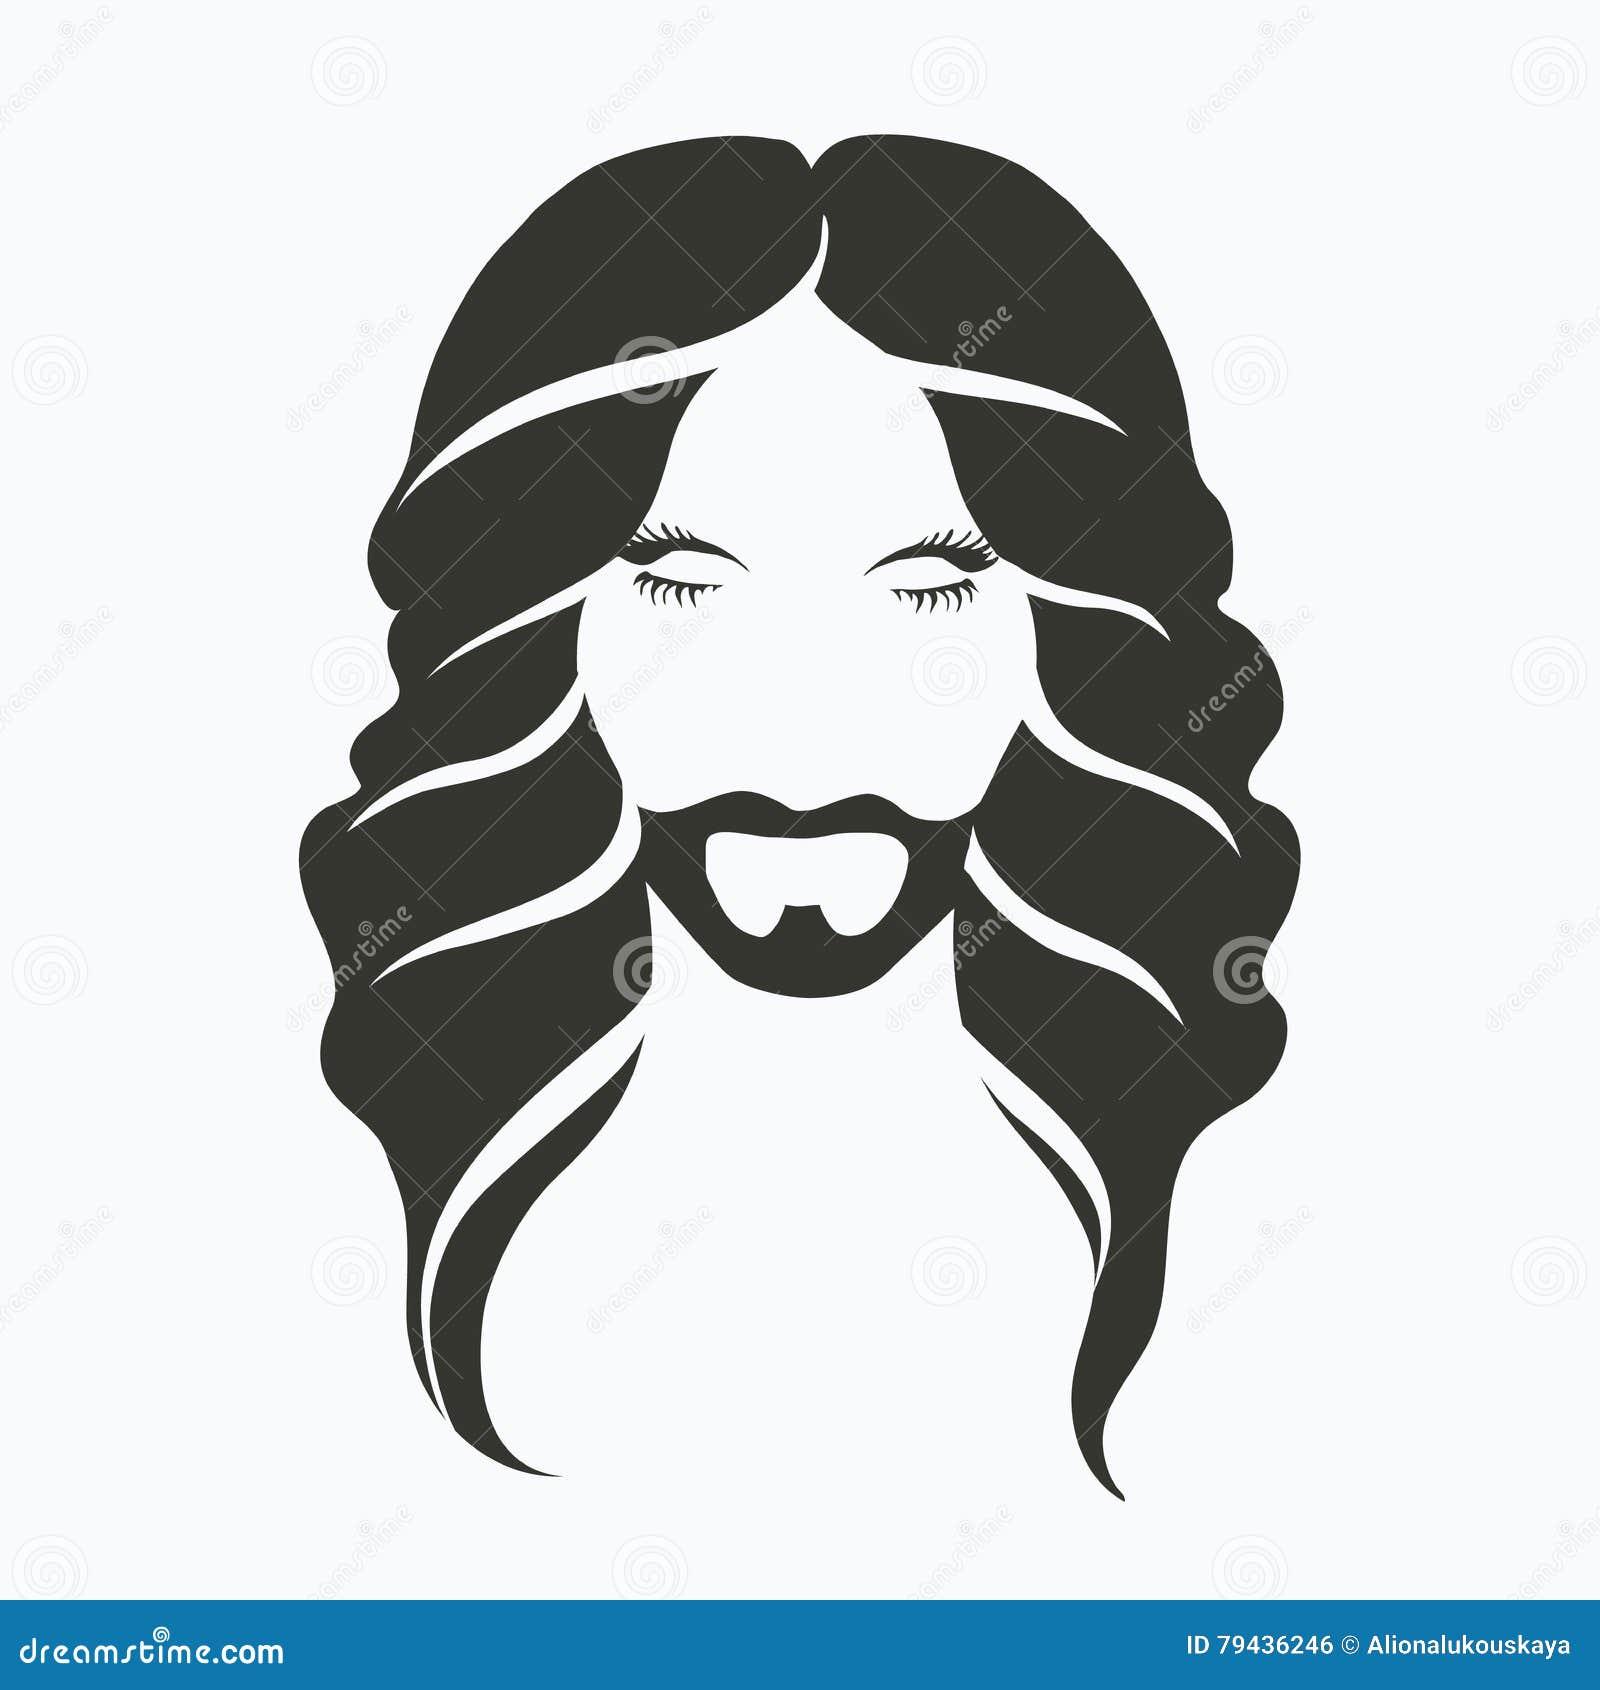 Vector Ikonenporträt Eines Mannes Mit Einem Bart Und Einem Schönen